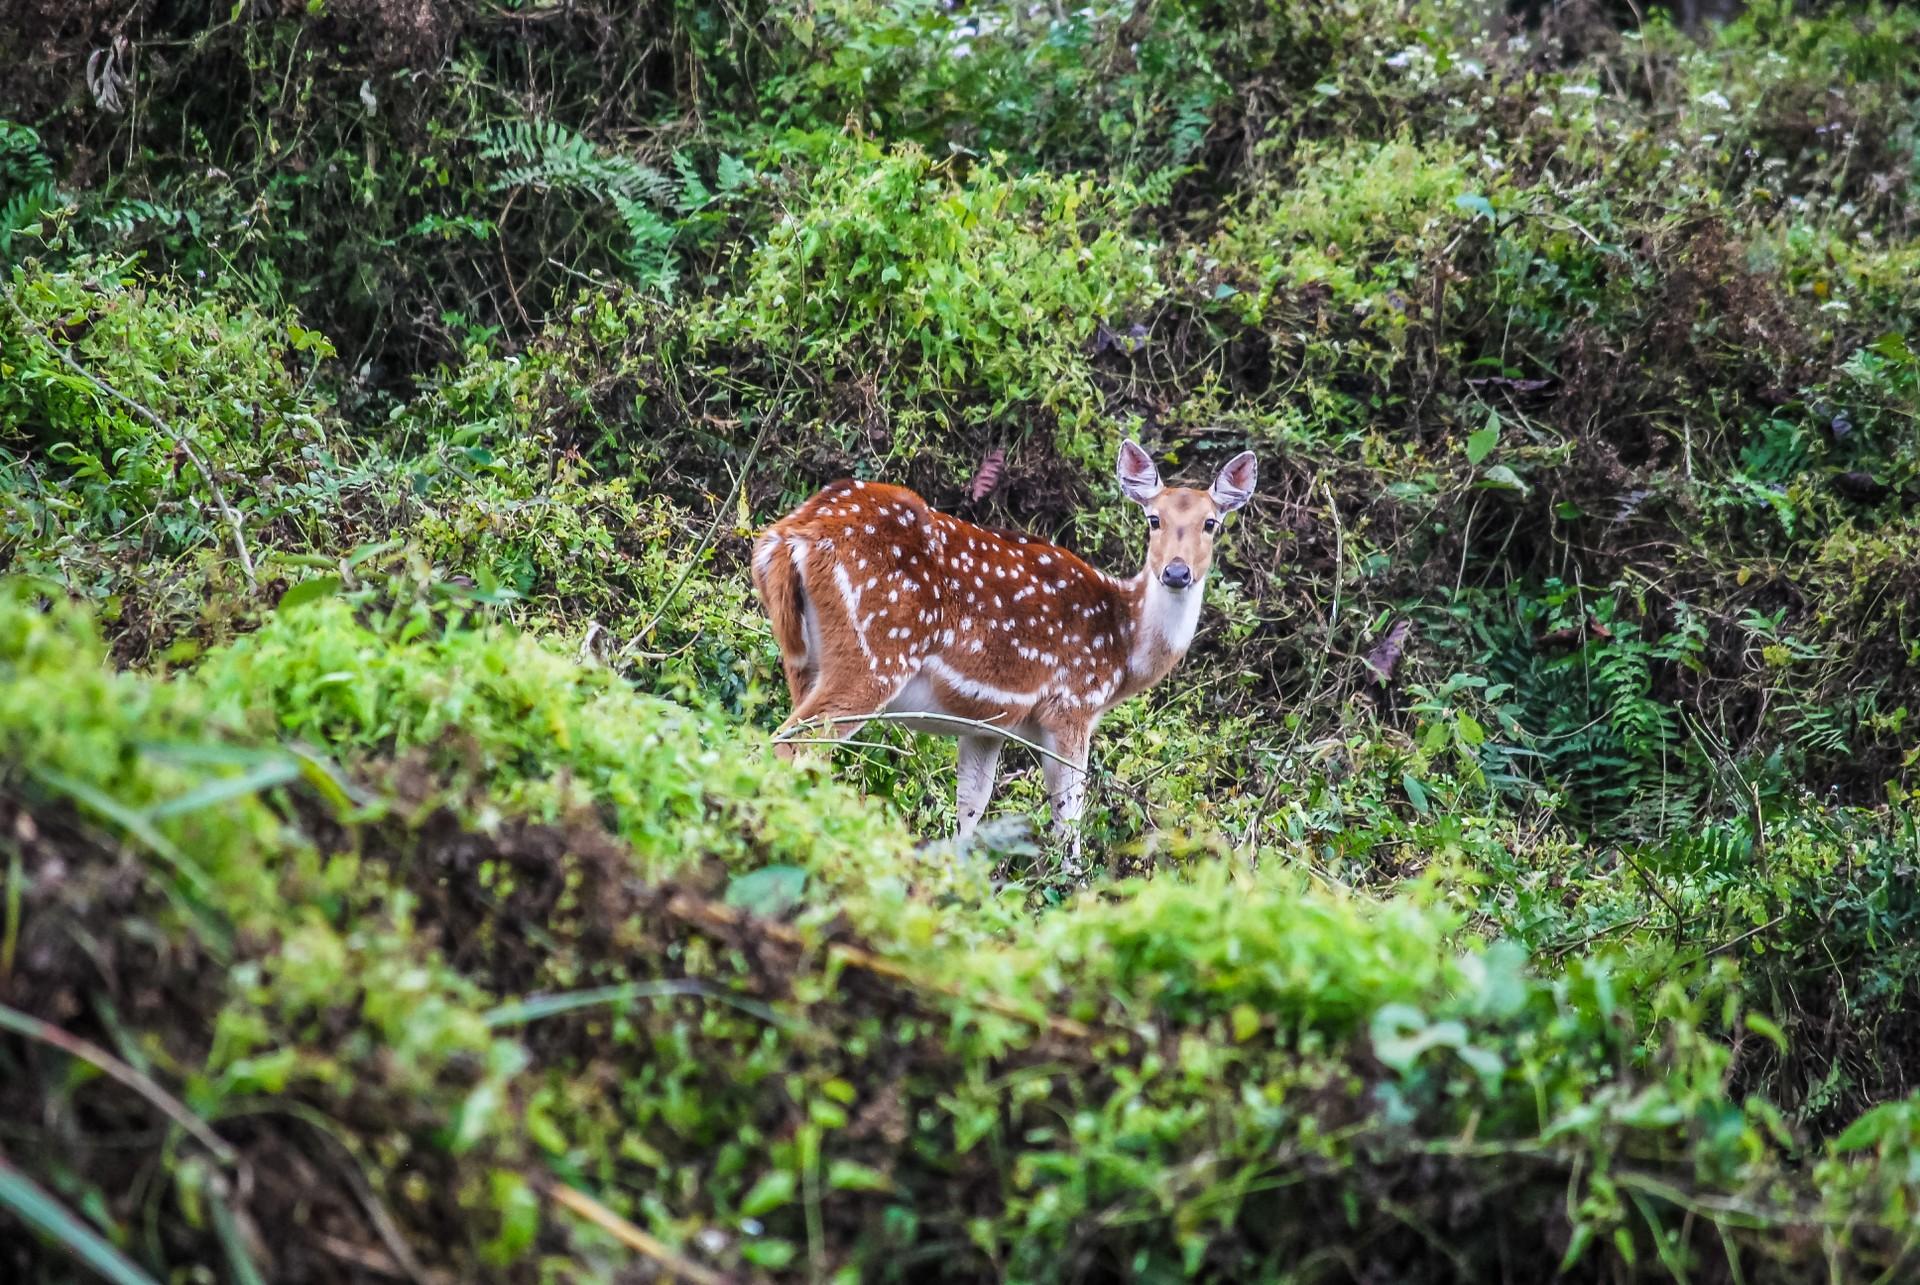 Deer in Chitwan National Park, Nepal